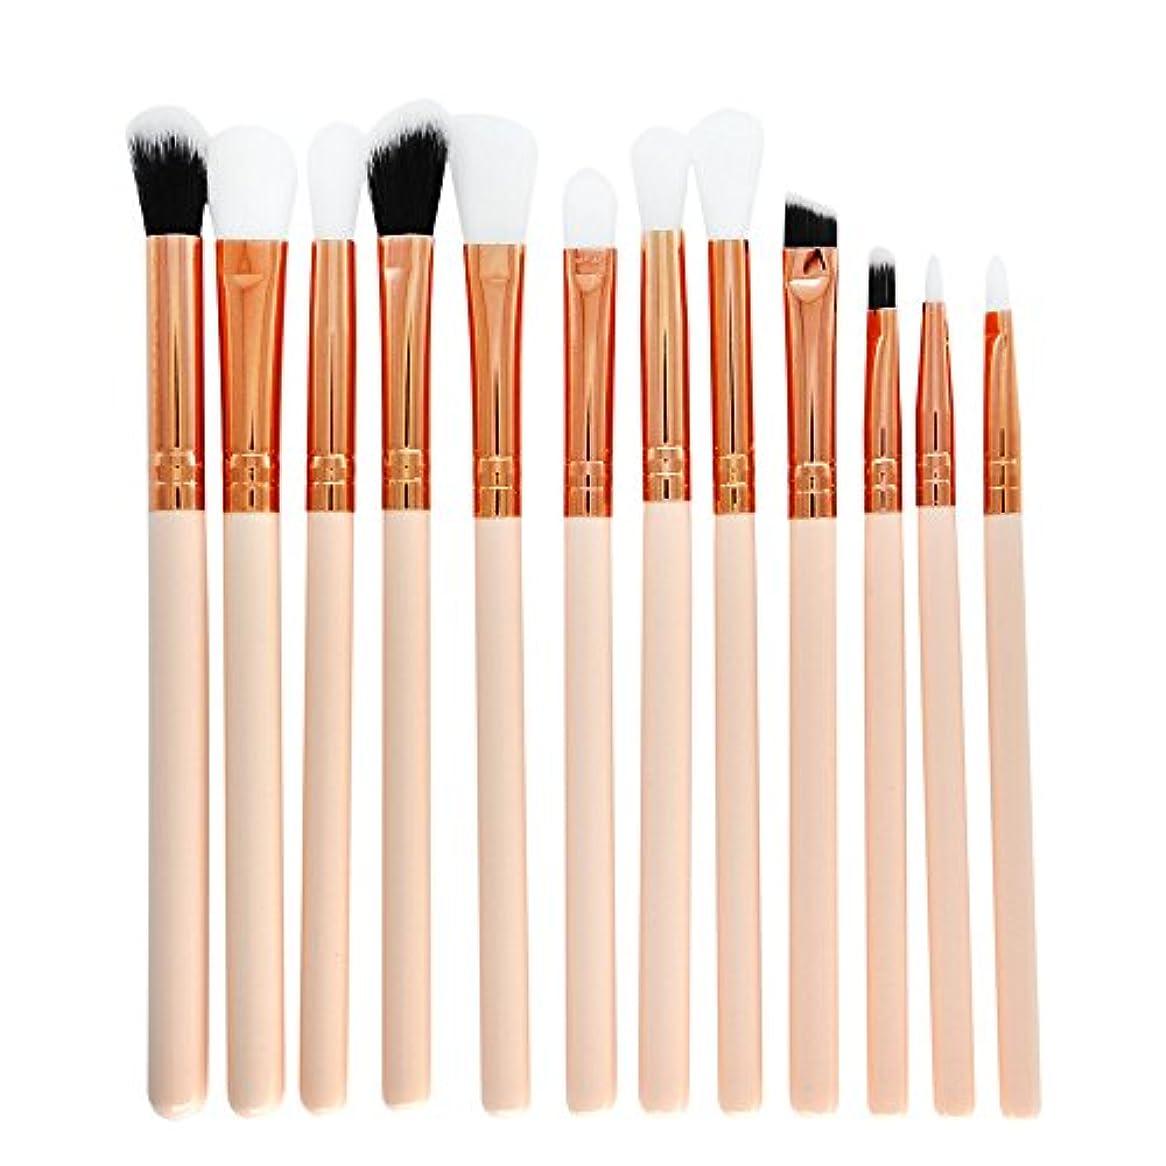 脚本家雨の陽気な12 本セット化粧筆 | メイクアップブラシセット アイシャドウメイクブラシ| コスメチック化粧ブラシキットビューティーツール (ホワイト)